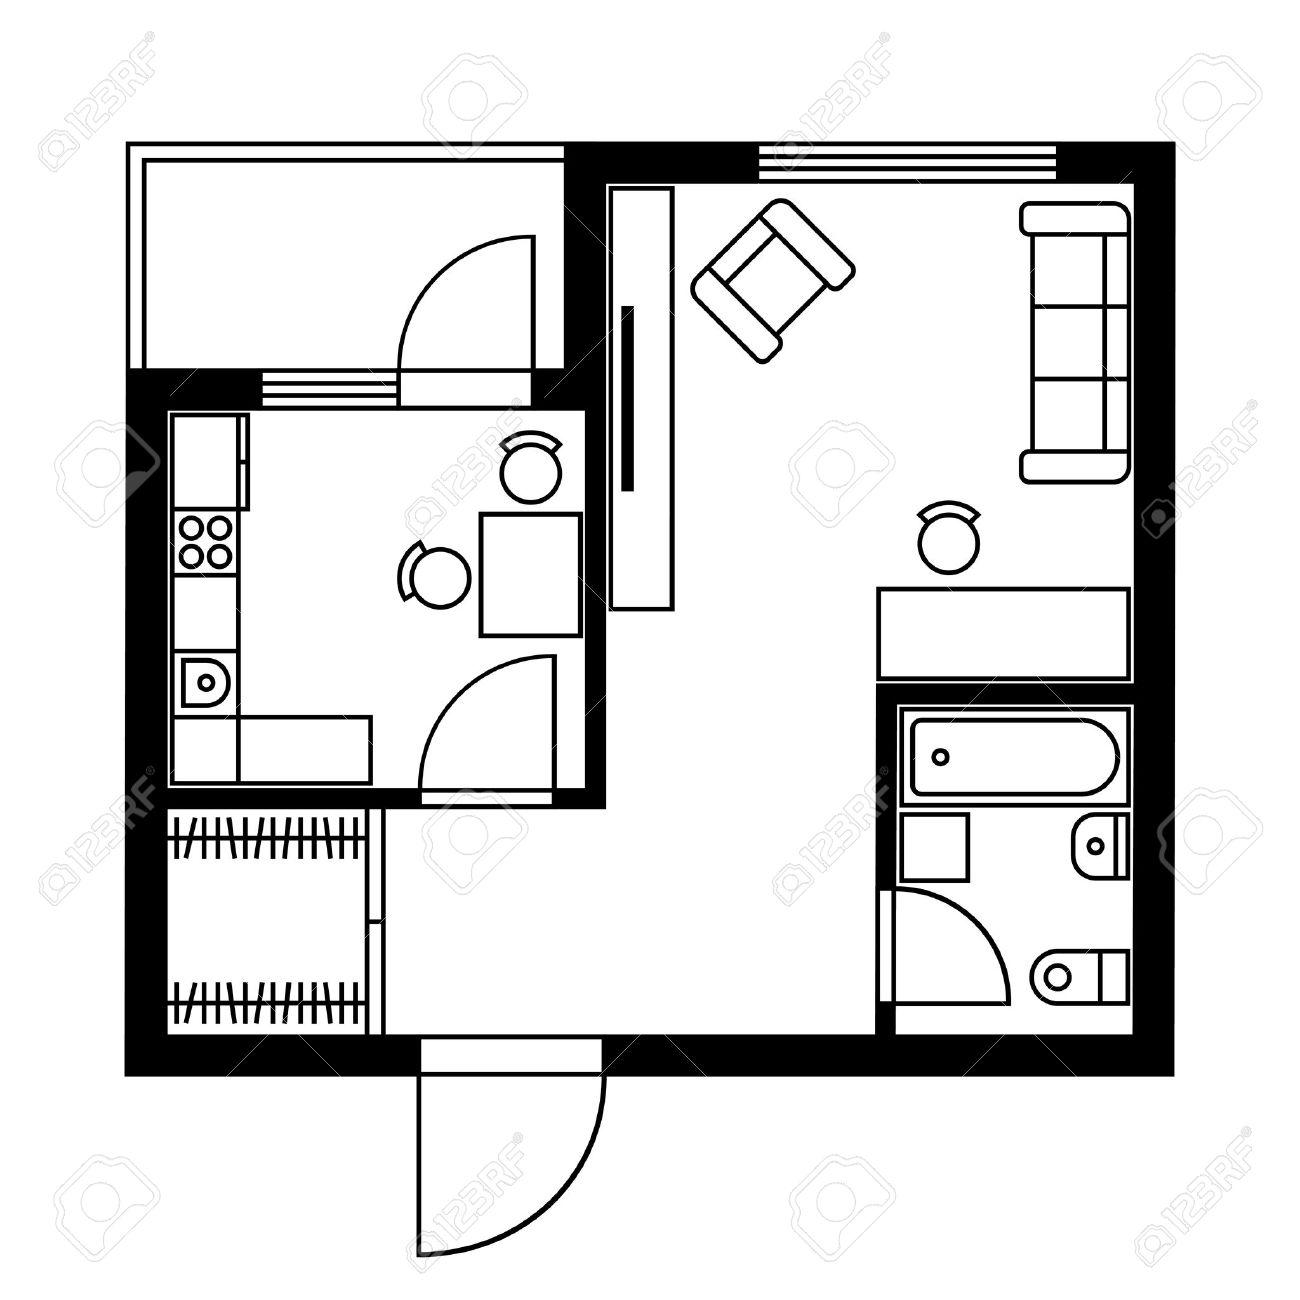 plan d'étage de maison